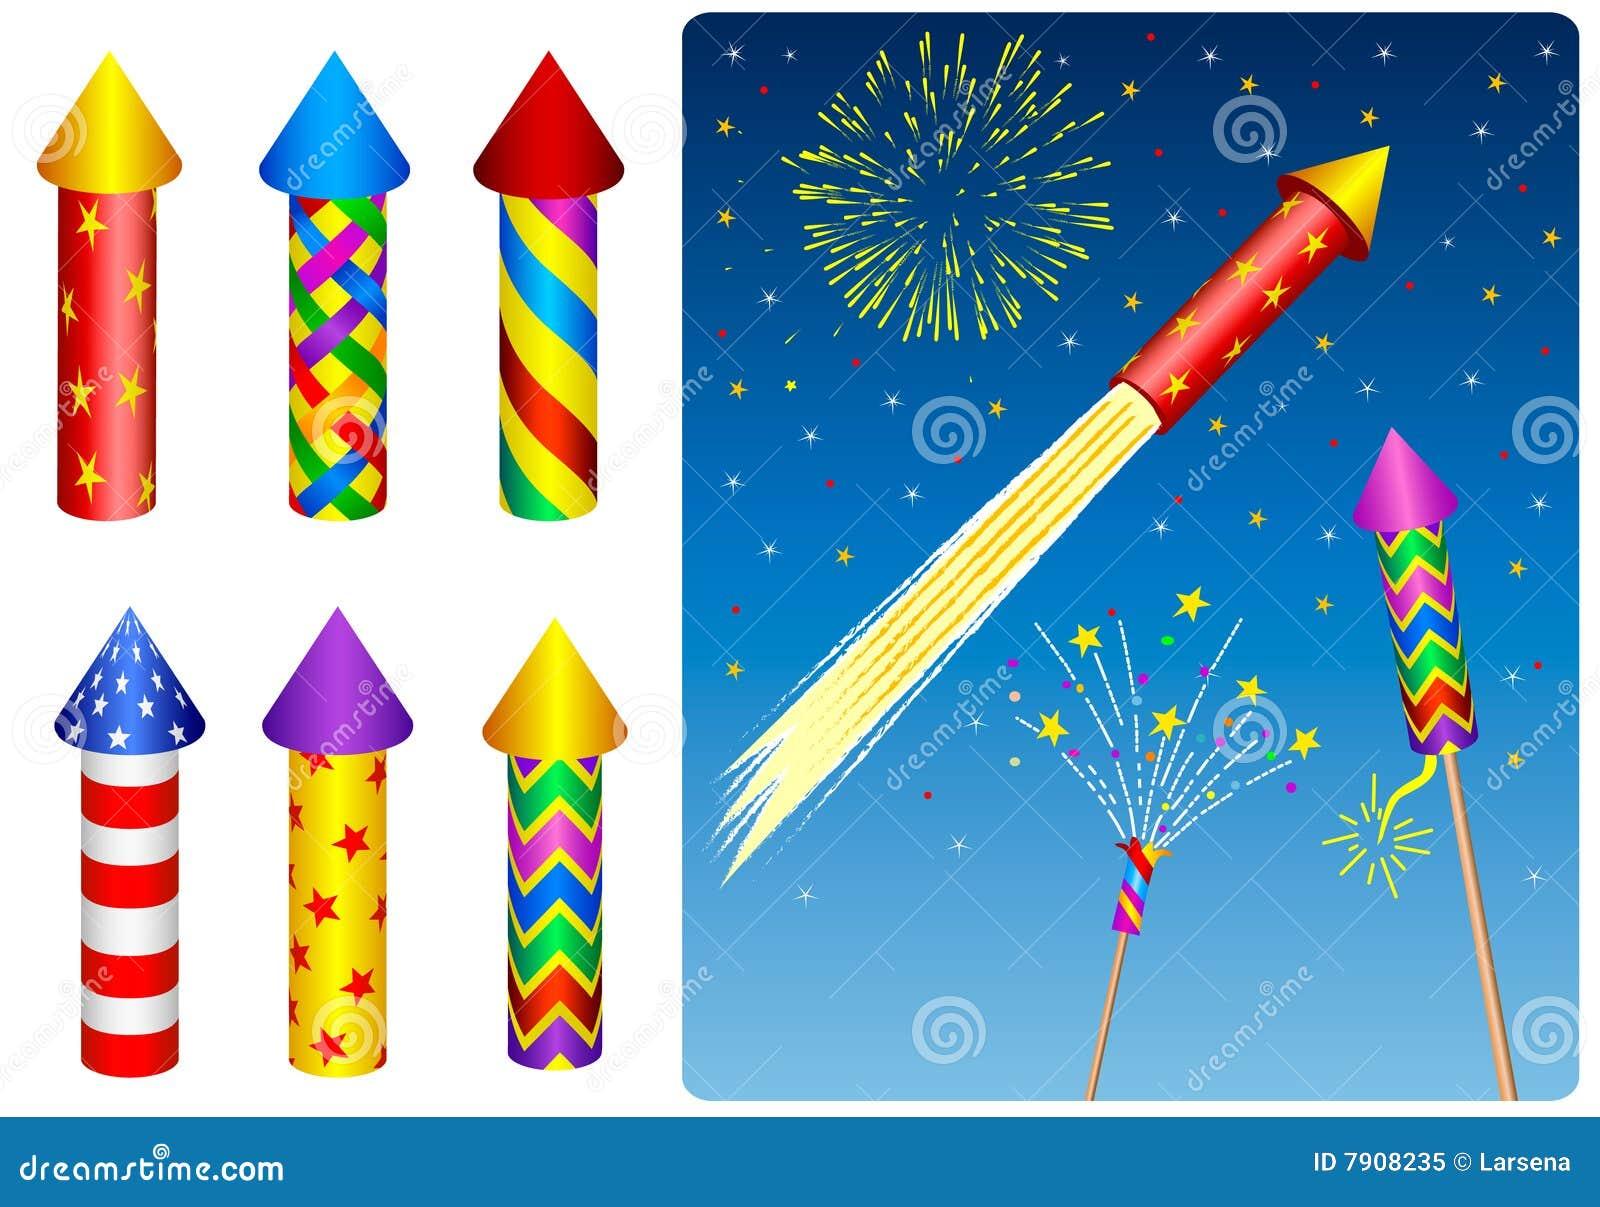 Firecracker Rocket Firecracker, fireworks, rocket